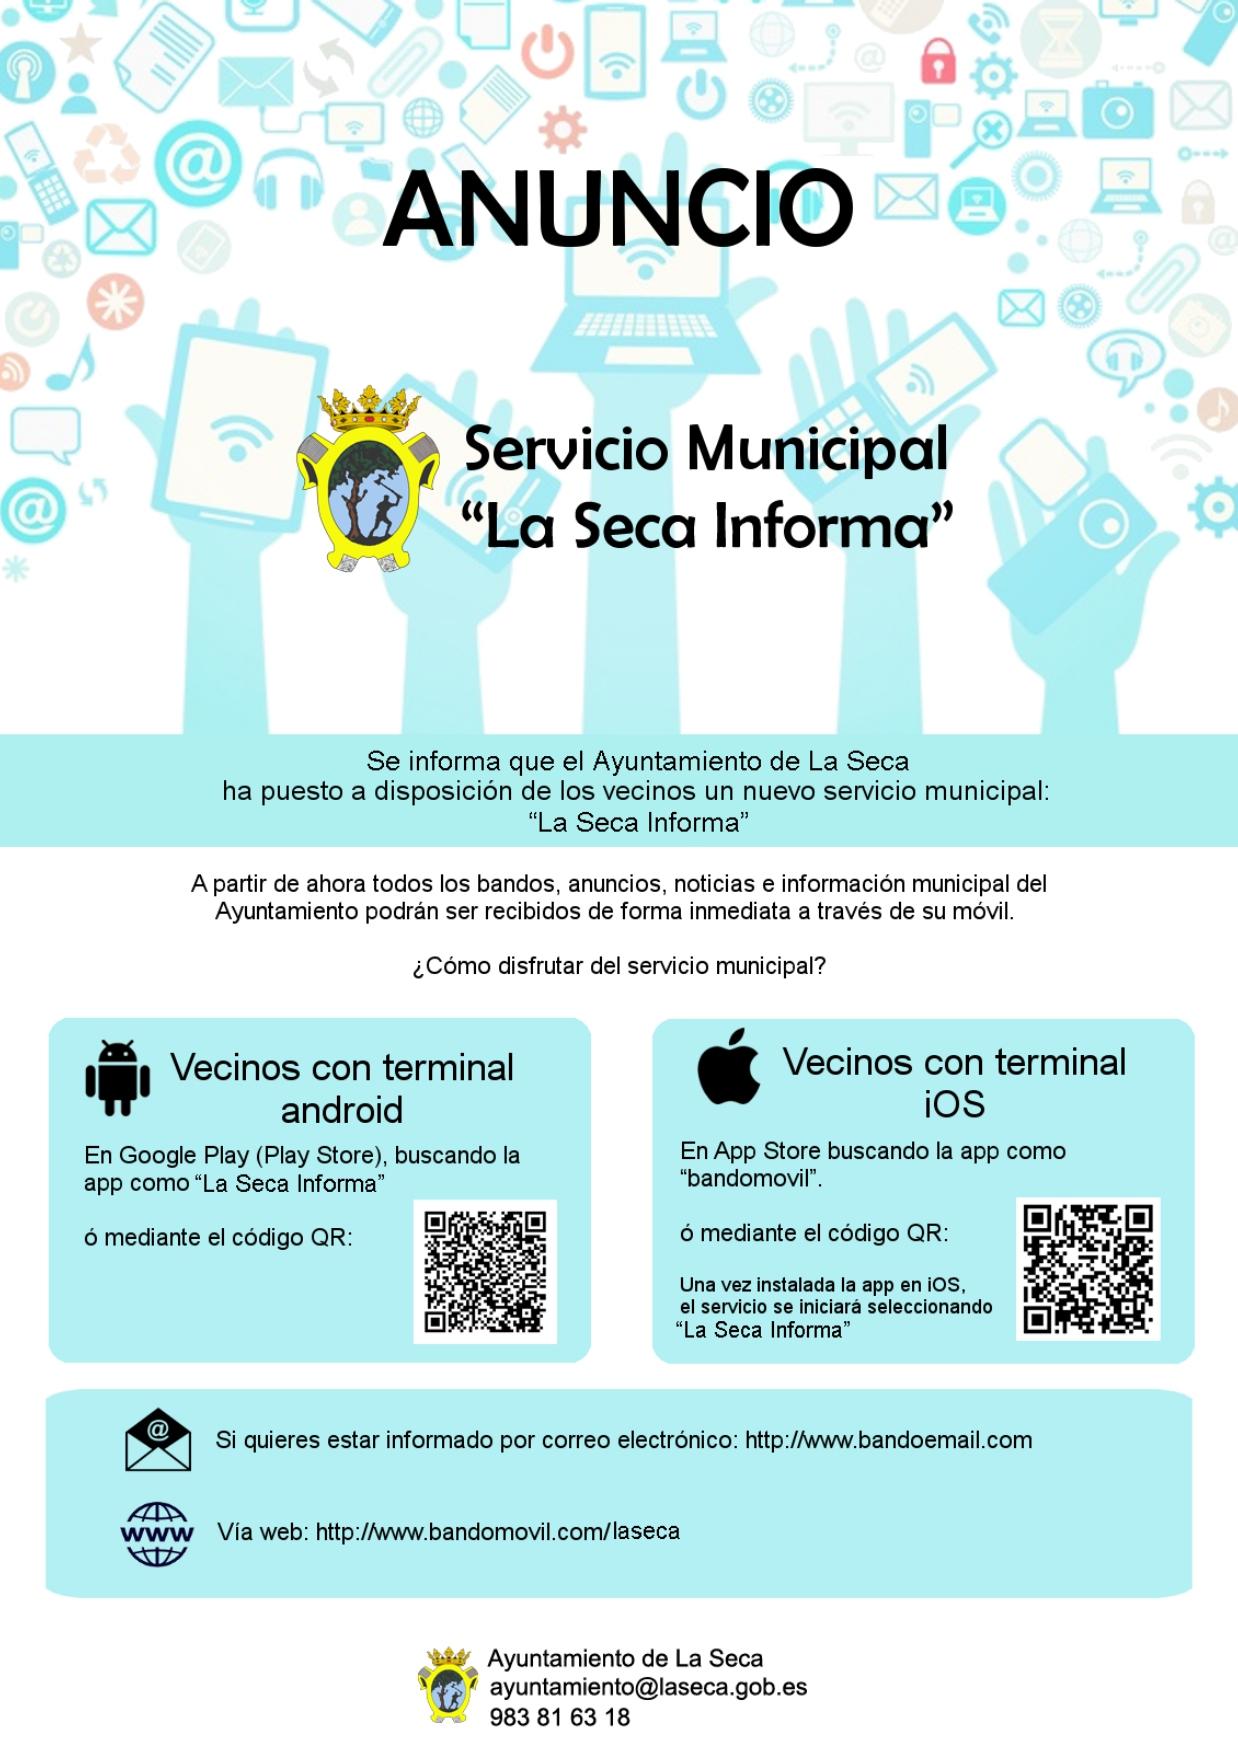 Nueva aplicación móvil para informar a los vecinos de La Seca: Bandomovil «La Seca informa»